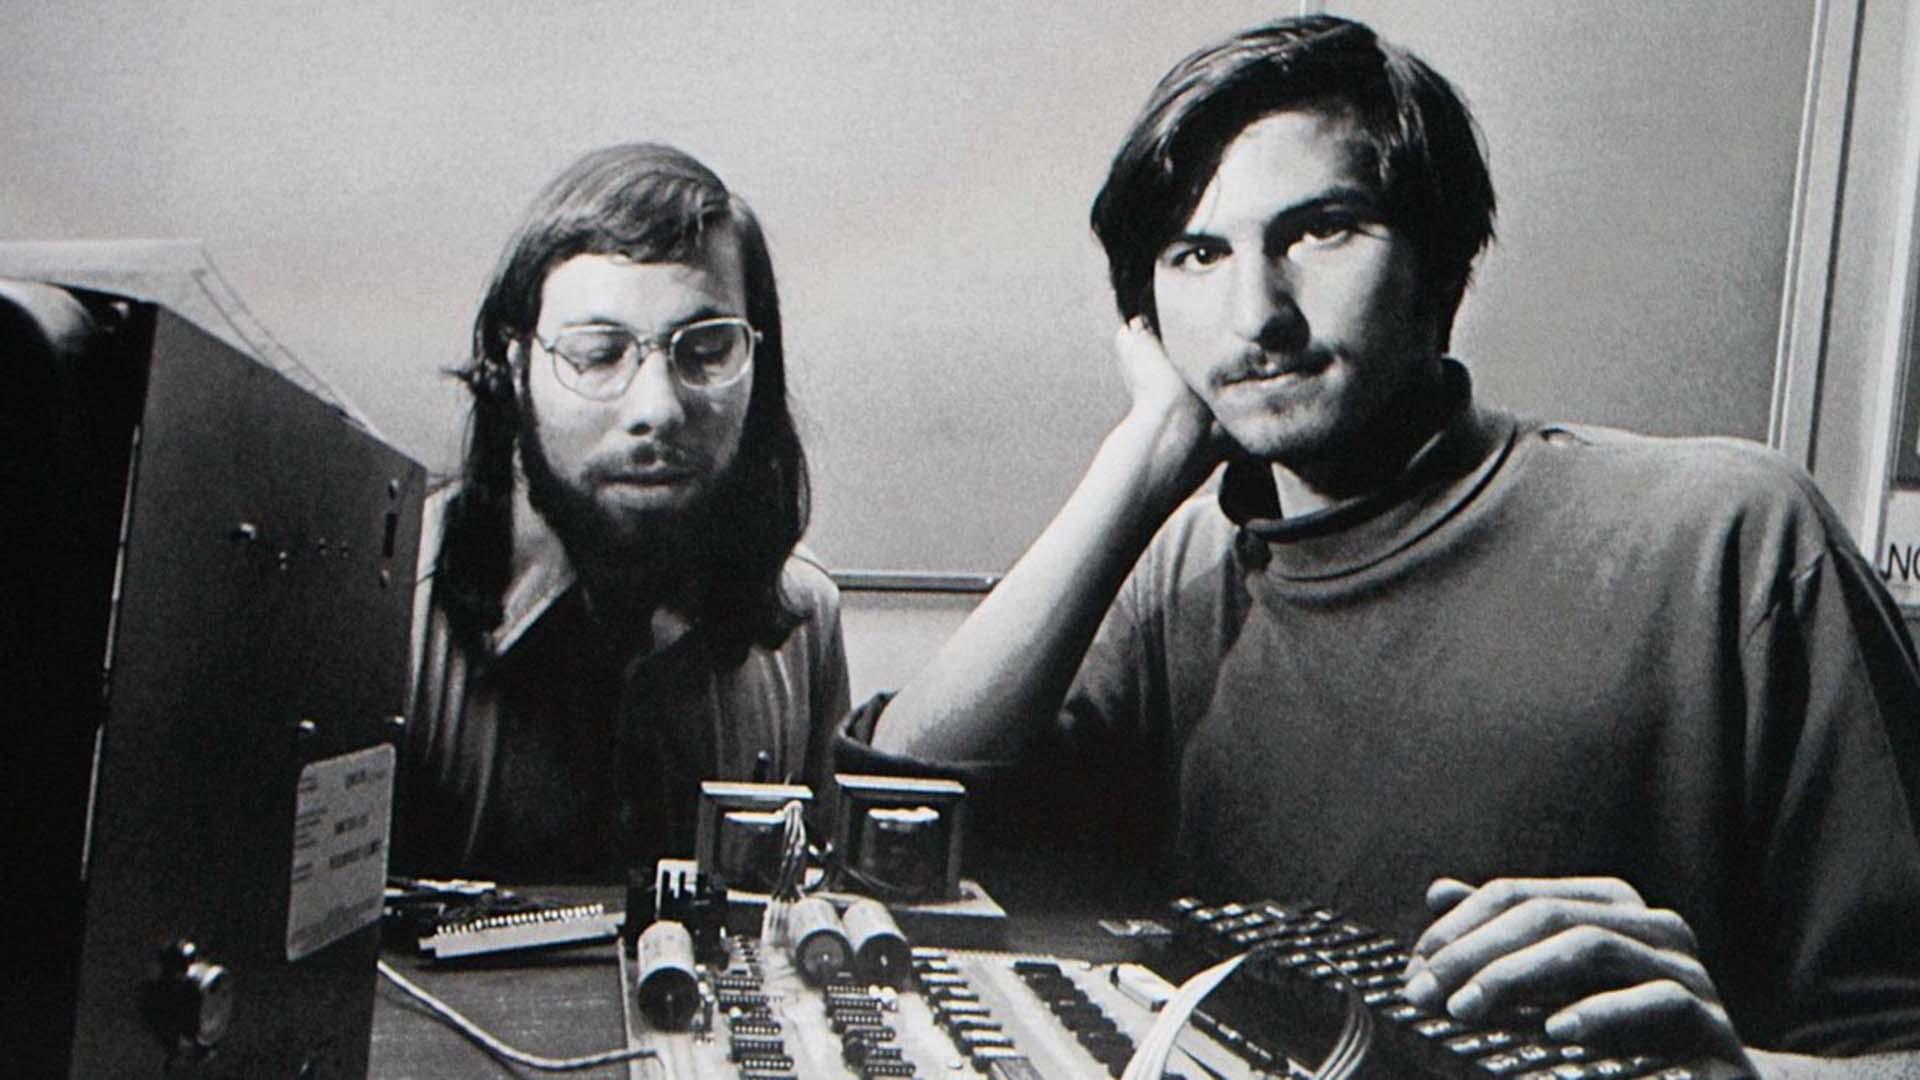 Steve Jobs and Steve Wozniak.